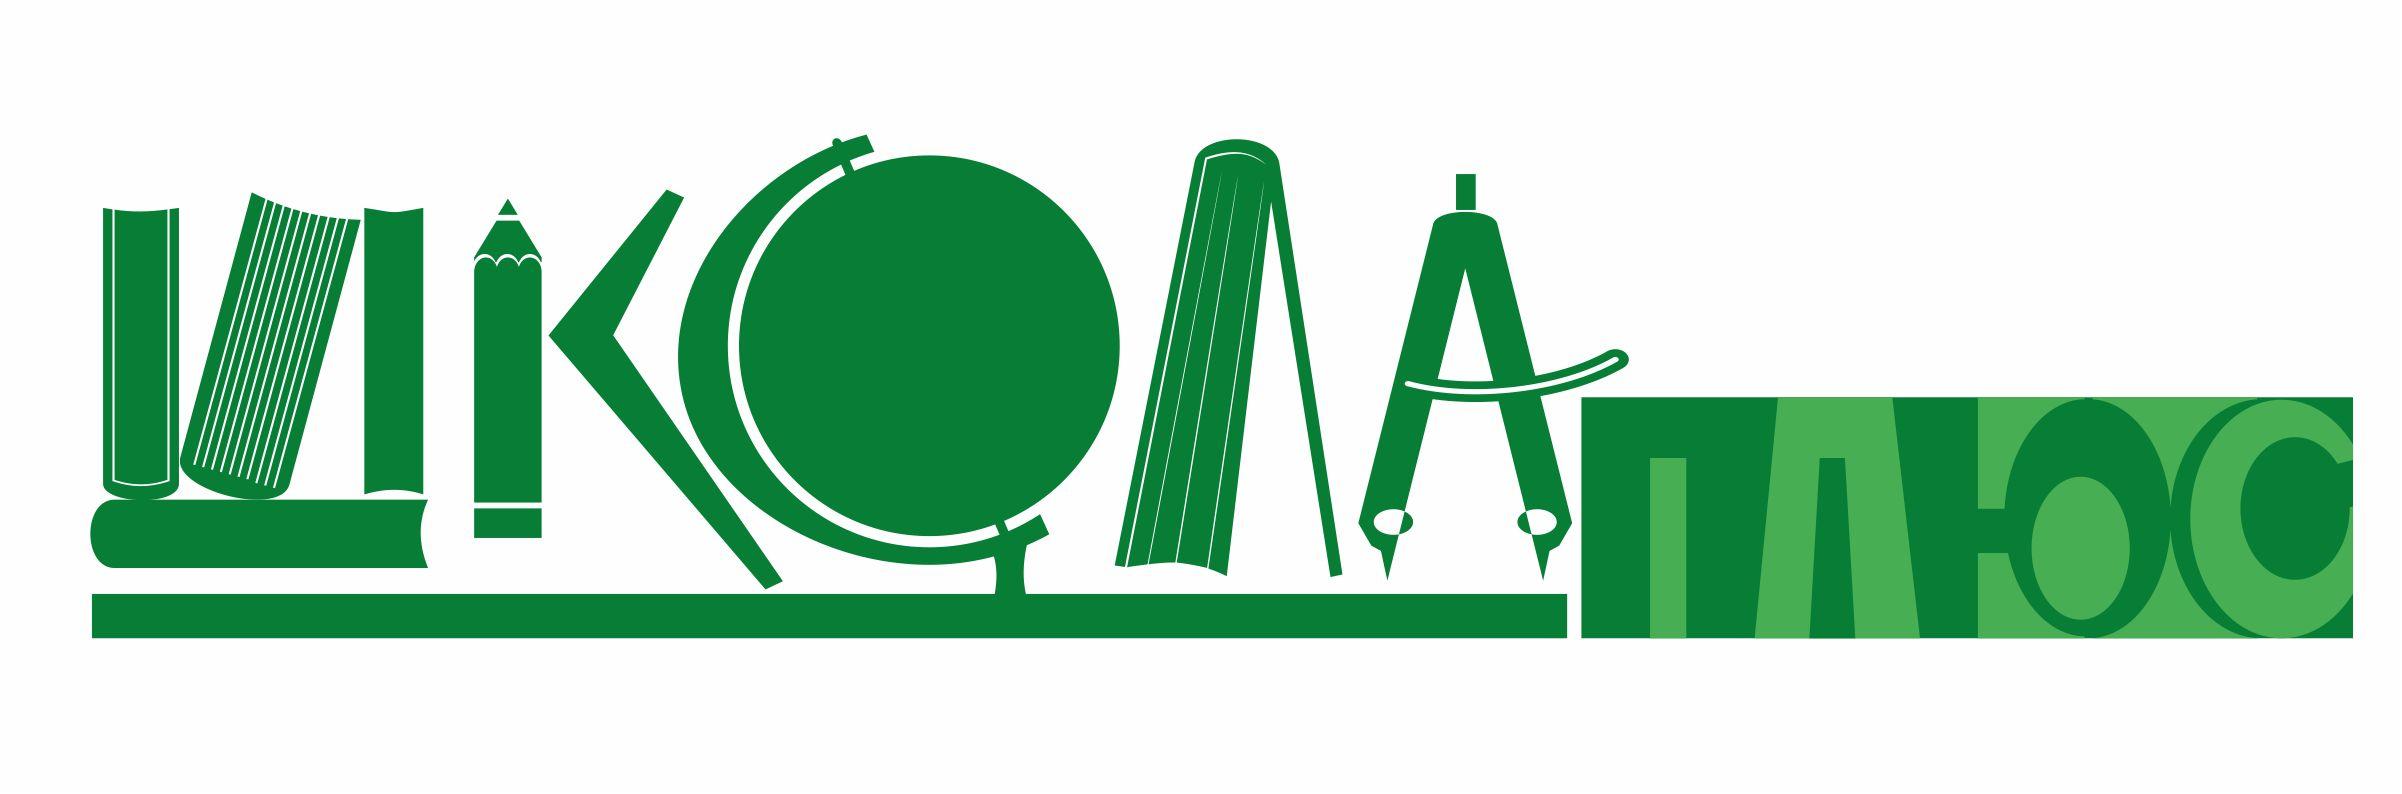 Разработка логотипа и пары элементов фирменного стиля фото f_4dadc520b3b11.jpg